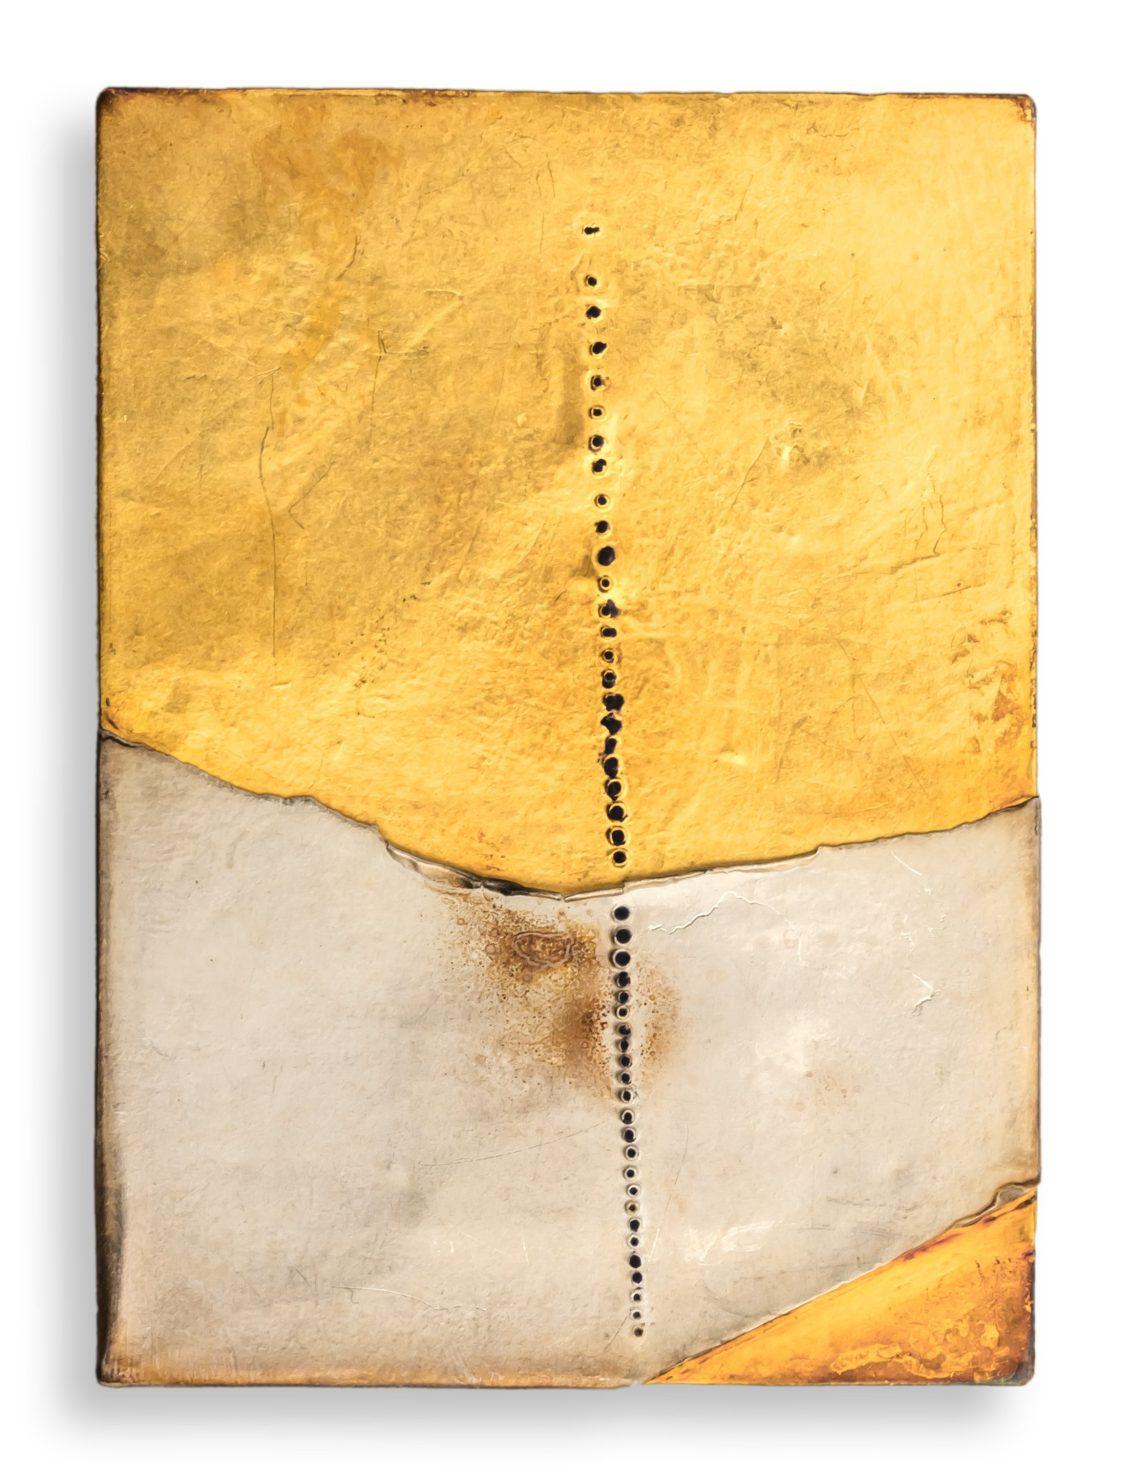 Robert Smit, broche, 1969. Collectie Ida Boelen-van Gelder. Fotografie Aldo Smit©